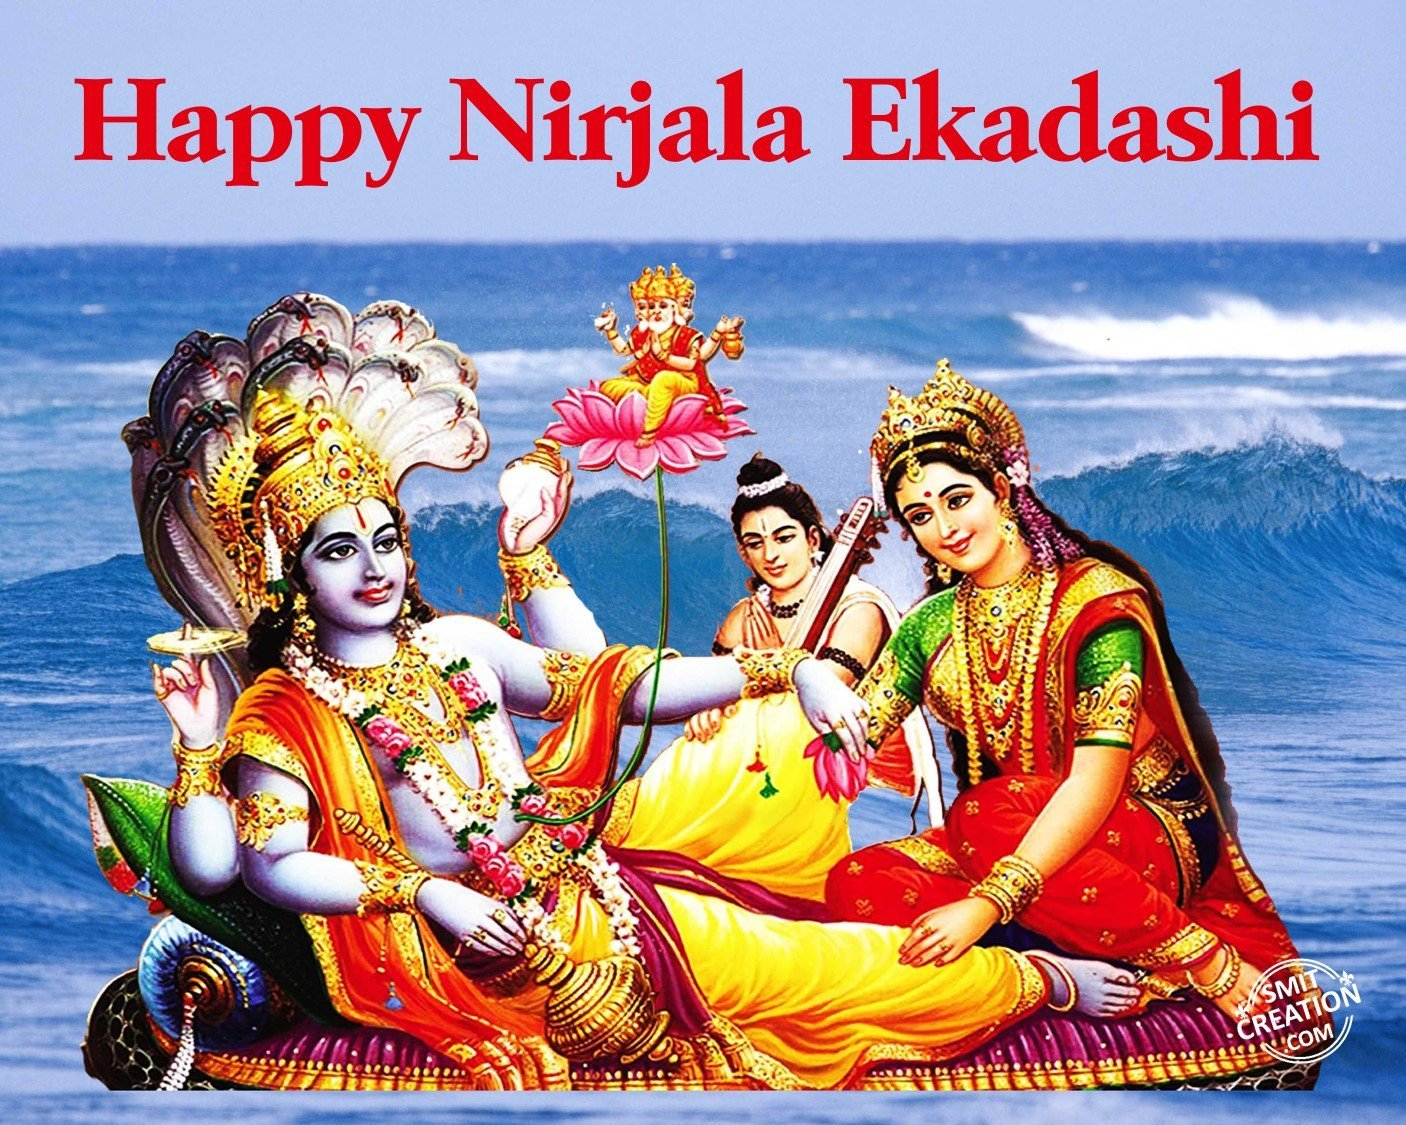 nirjala ekadashi hd